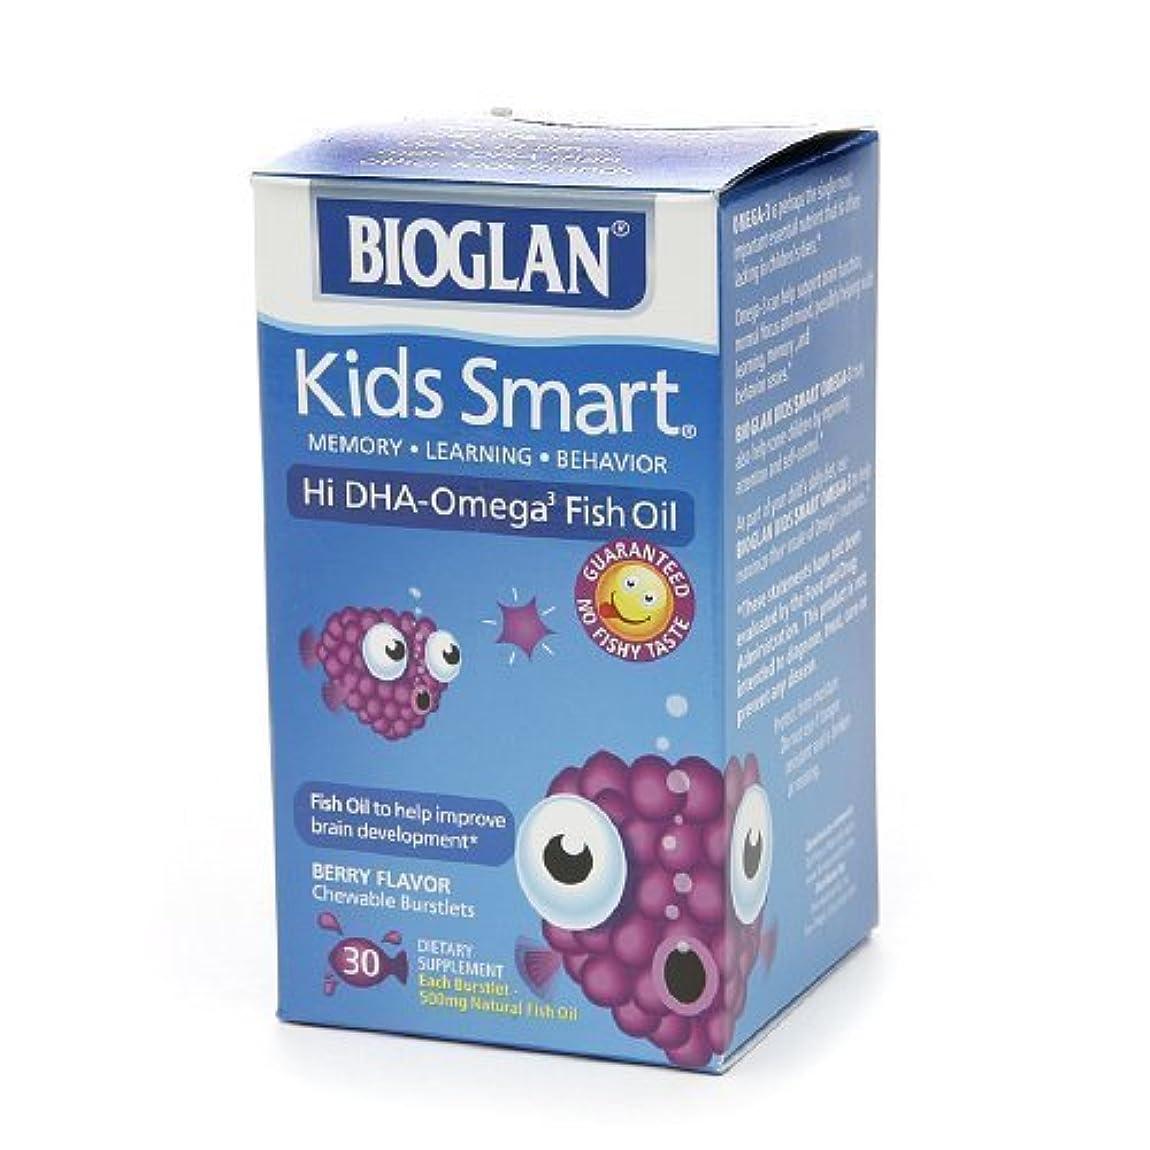 キャンベラ教育者毎年BioGlan Kids Smart Hi DHA Omega-3 Fish Oil, Chewable Burstlets, Berry--30 ea-Product ID DRU-318828_1 by bioglan...